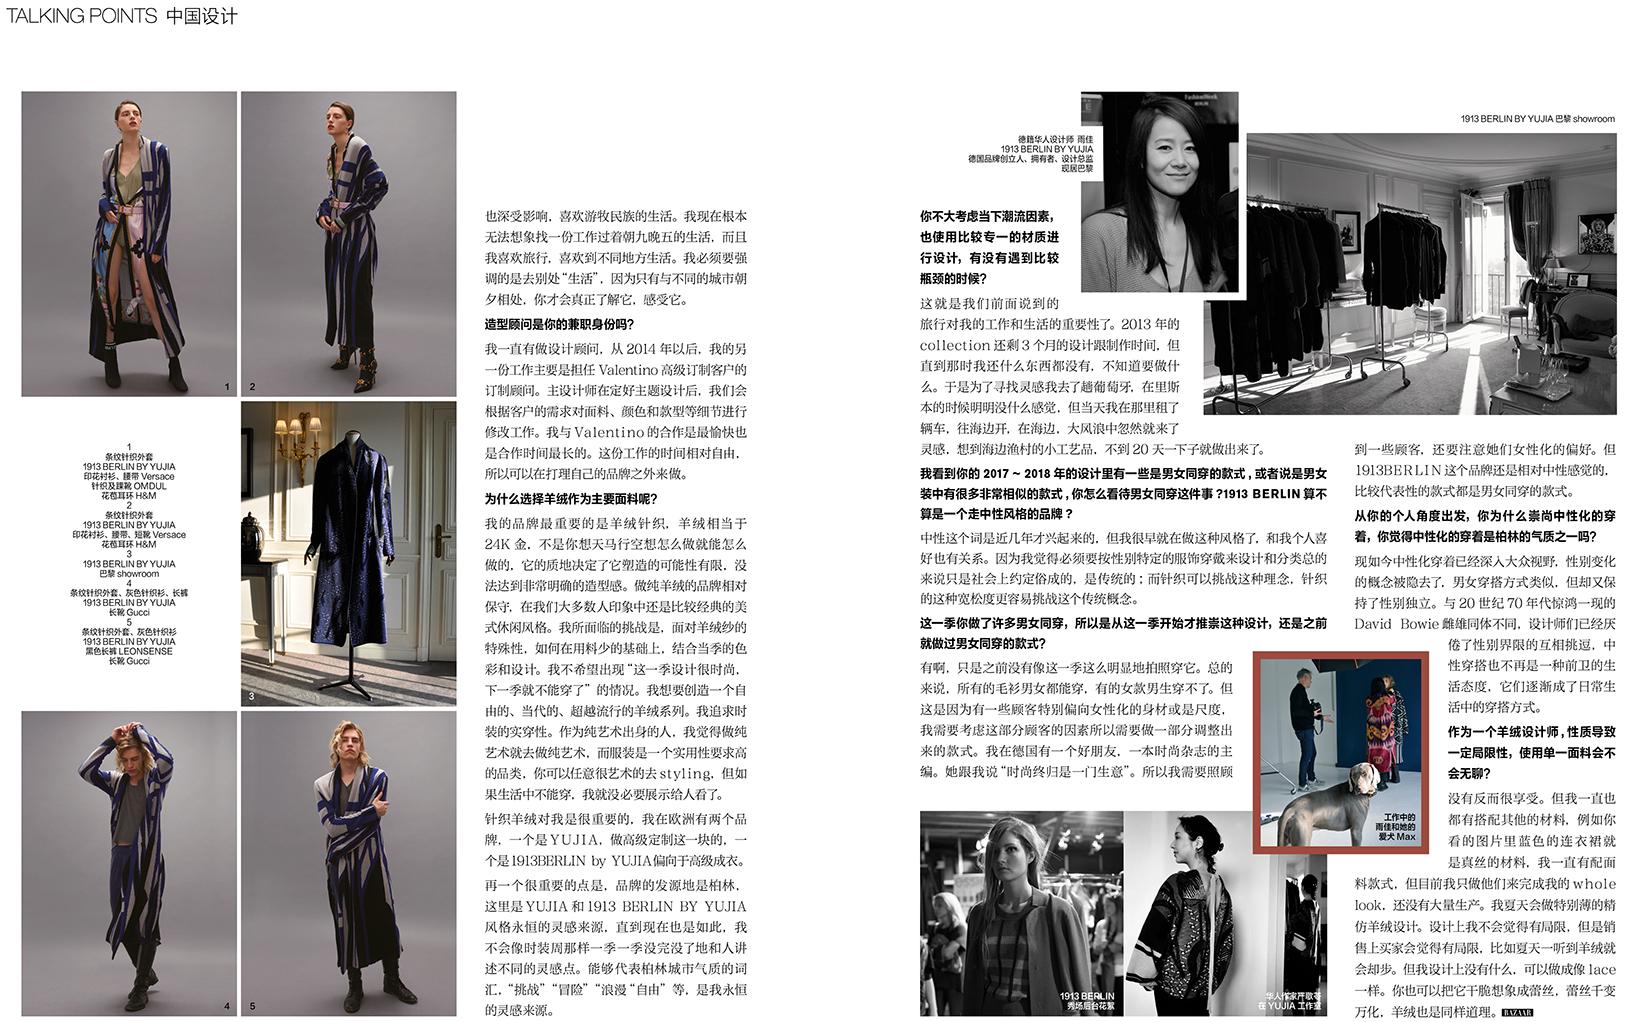 70中国设计 finale-2 sm.jpg